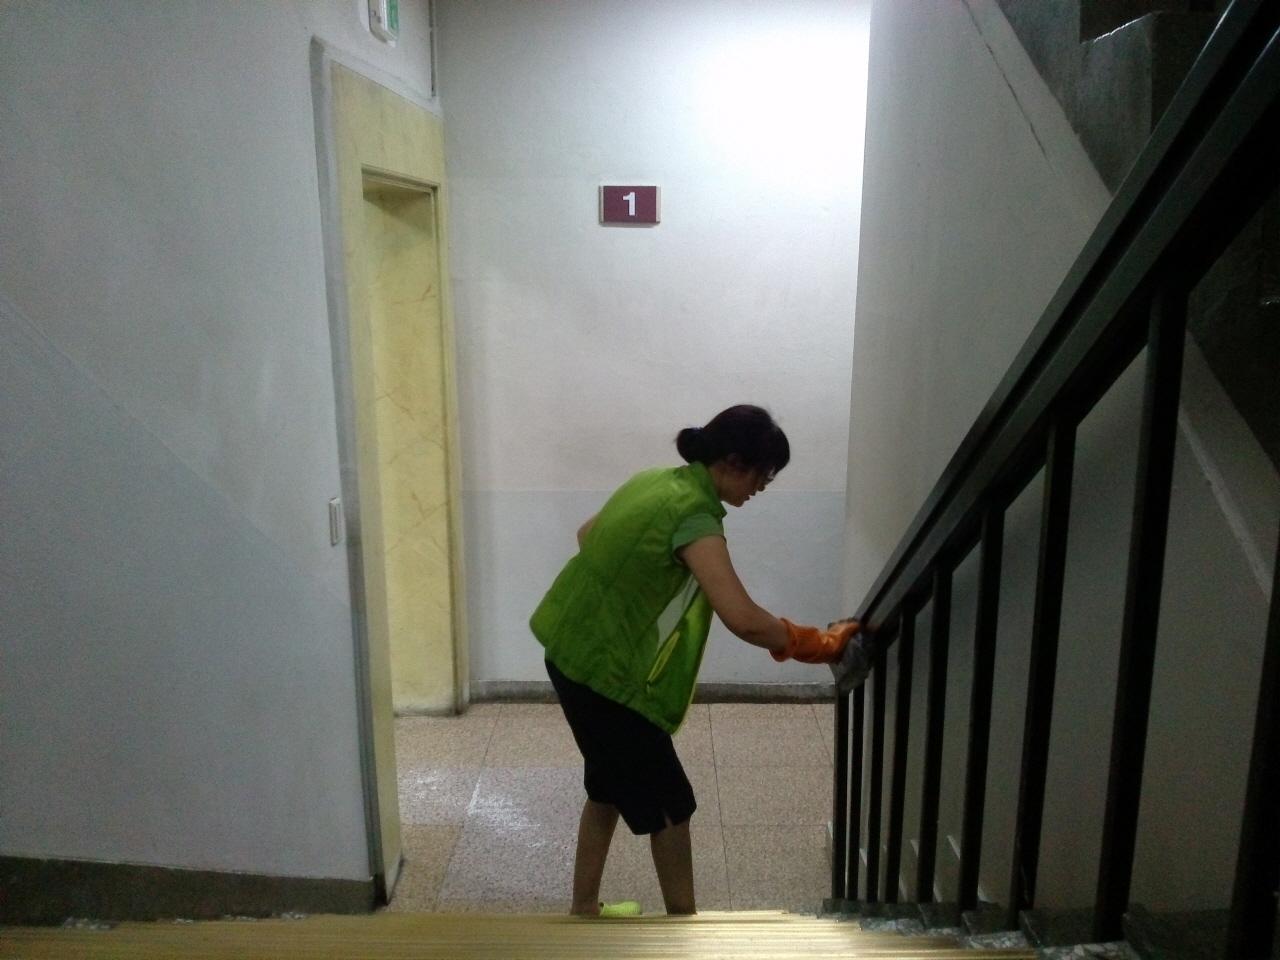 지난여름에 청소노동자가 하계용 근무복을 입고 계단 난간을 닦는 모습이다.